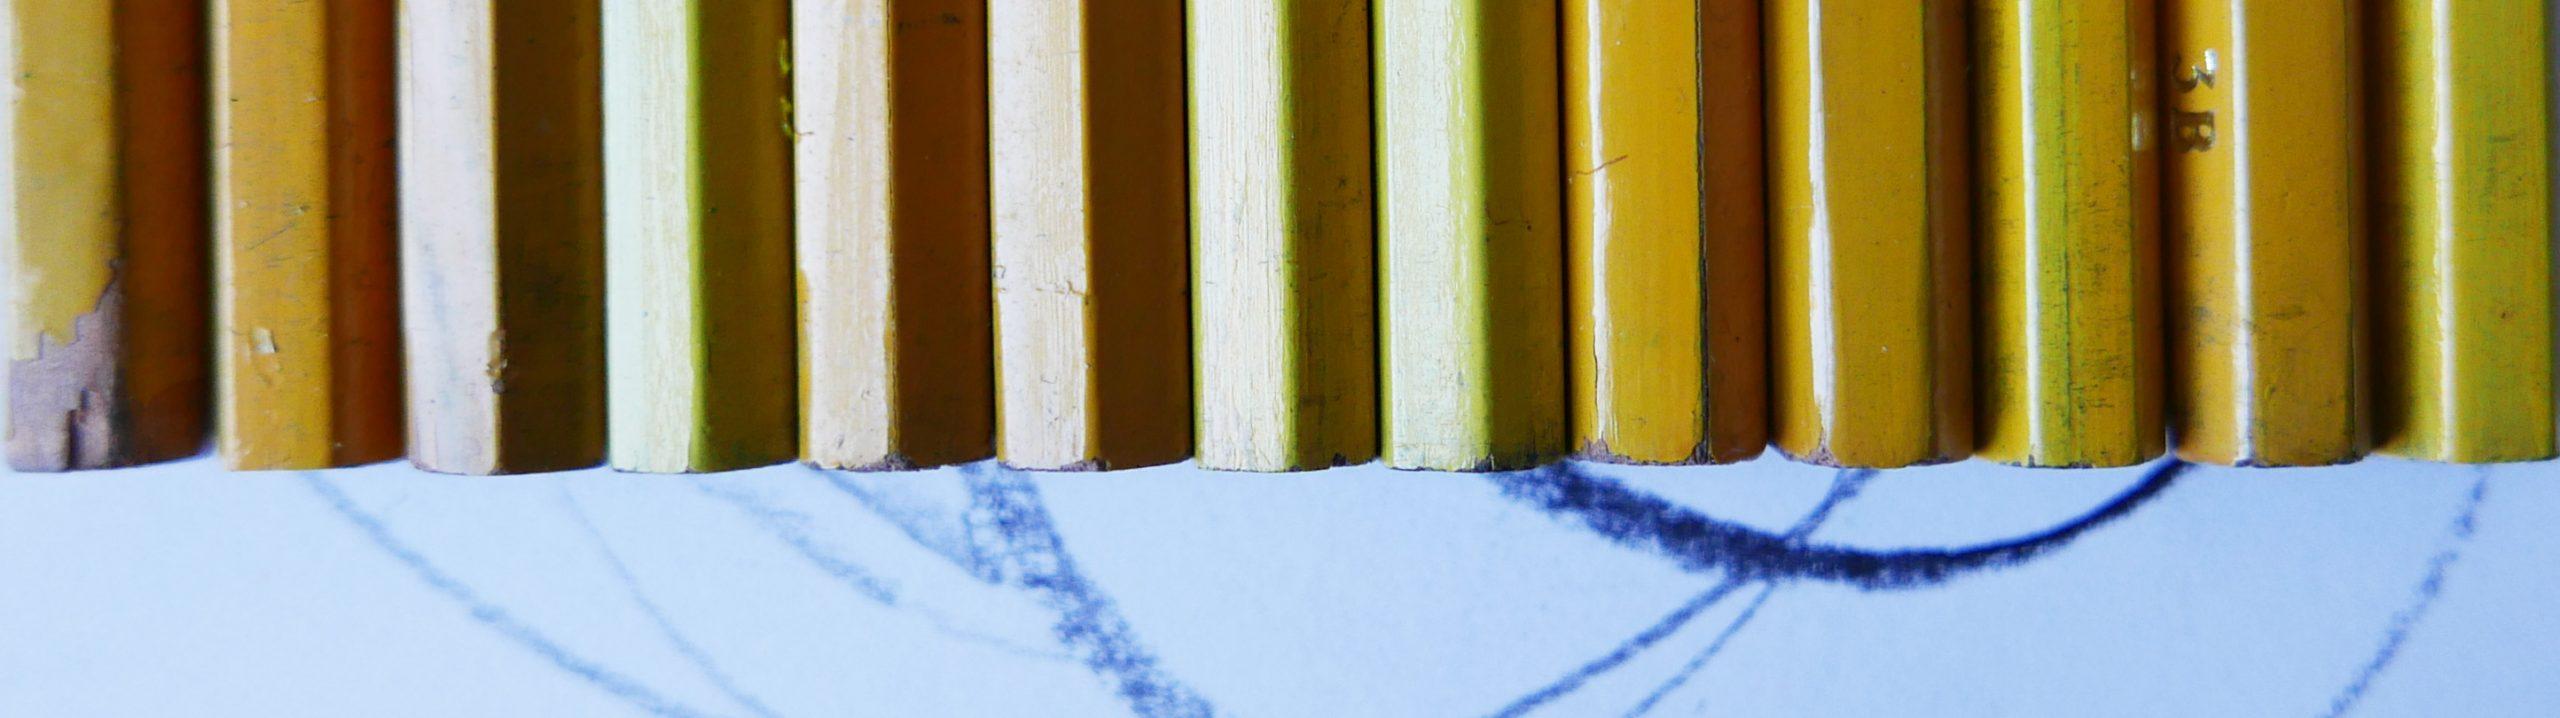 sound of a pencil reihe der Bleistifte gelb